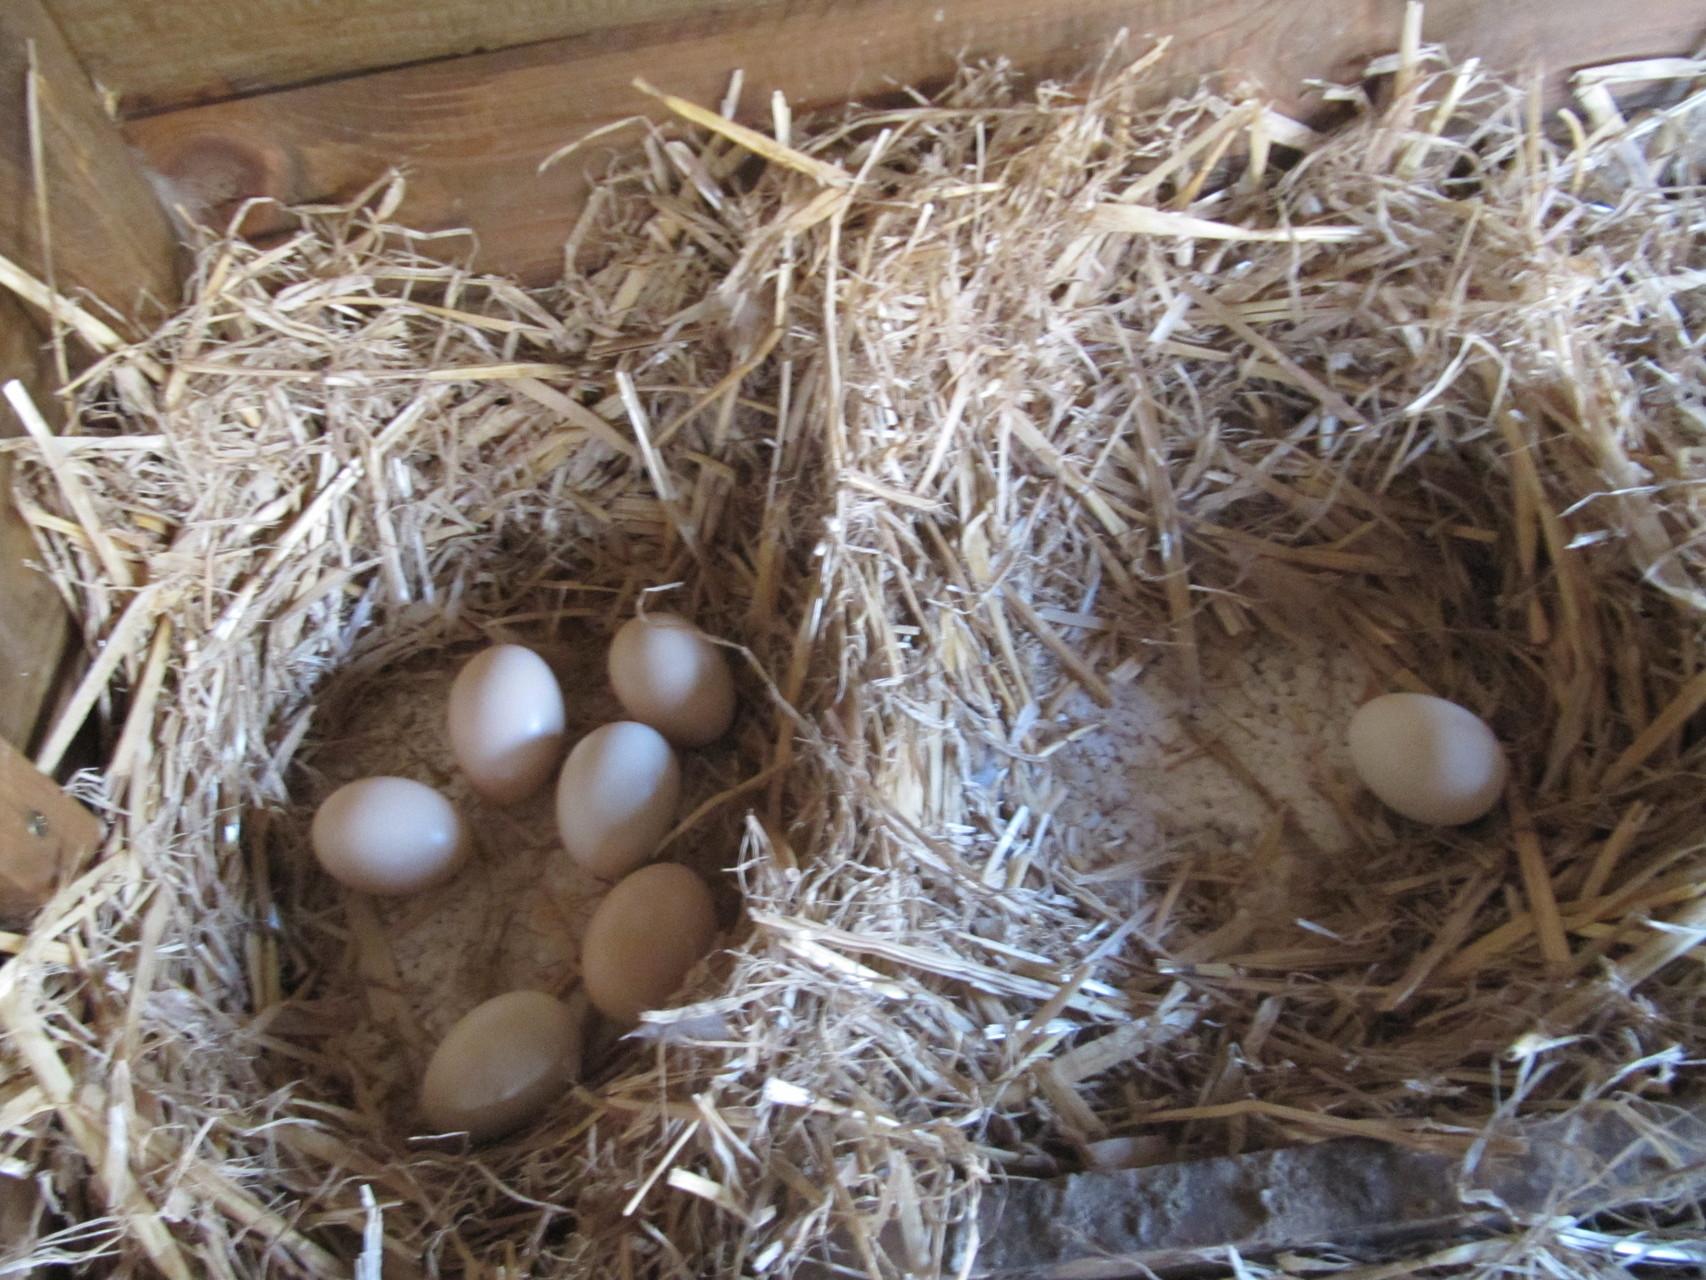 Luna hat sich alle Eier geholt. Frau Krause sitzt nur noch auf einem. Darunter ist Styropor- so ist es schön warm!